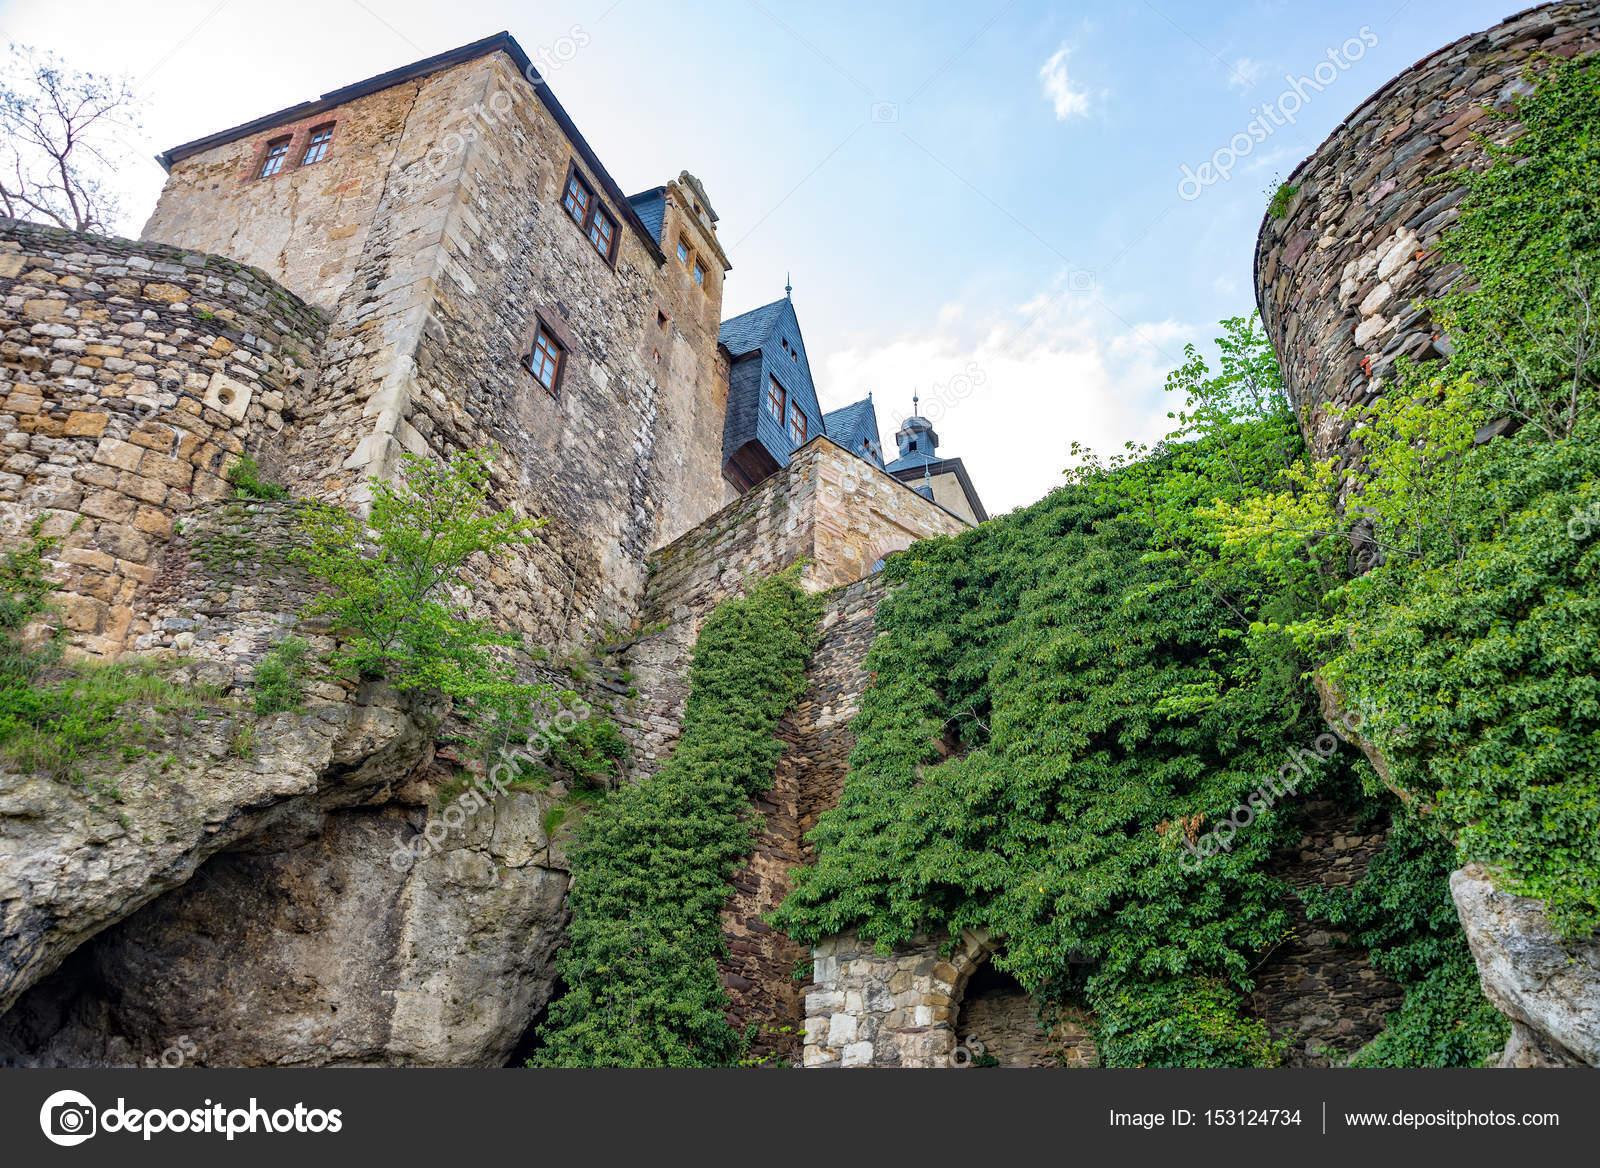 c51945d6 Ściana zamku Ranis z budynków — Zdjęcie stockowe © mnfotografie ...